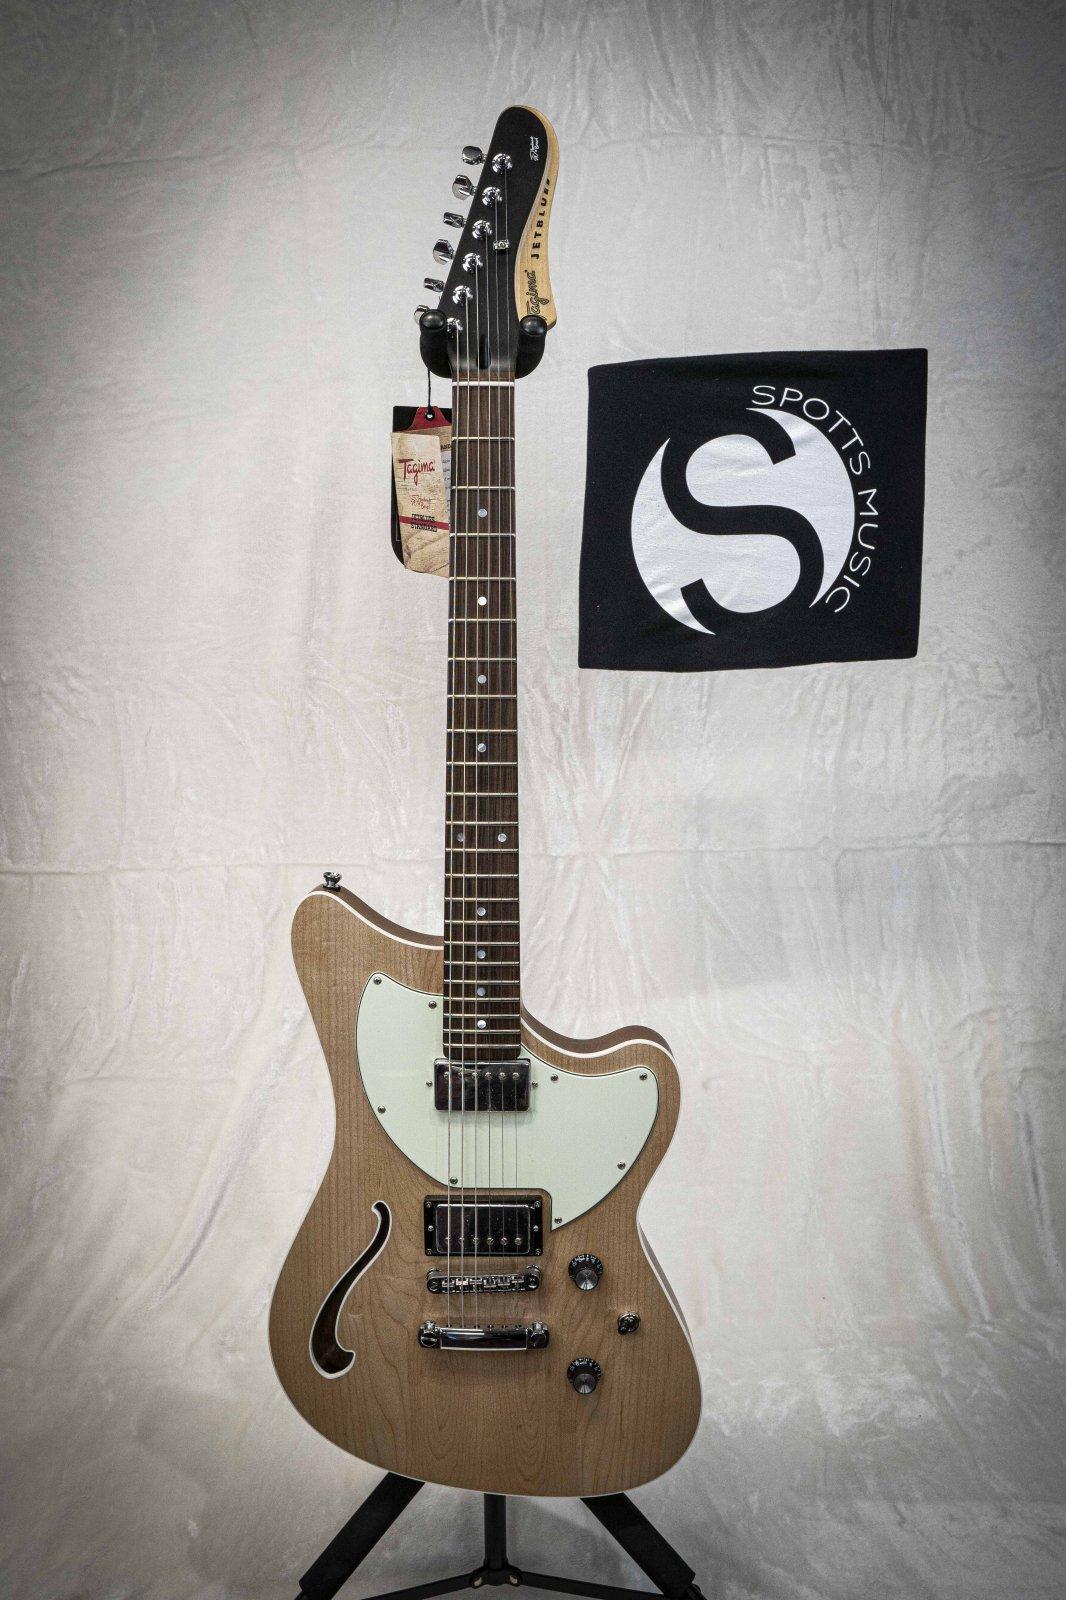 Tagima Jet Blues Standard Electric Guitar - Natural Satin